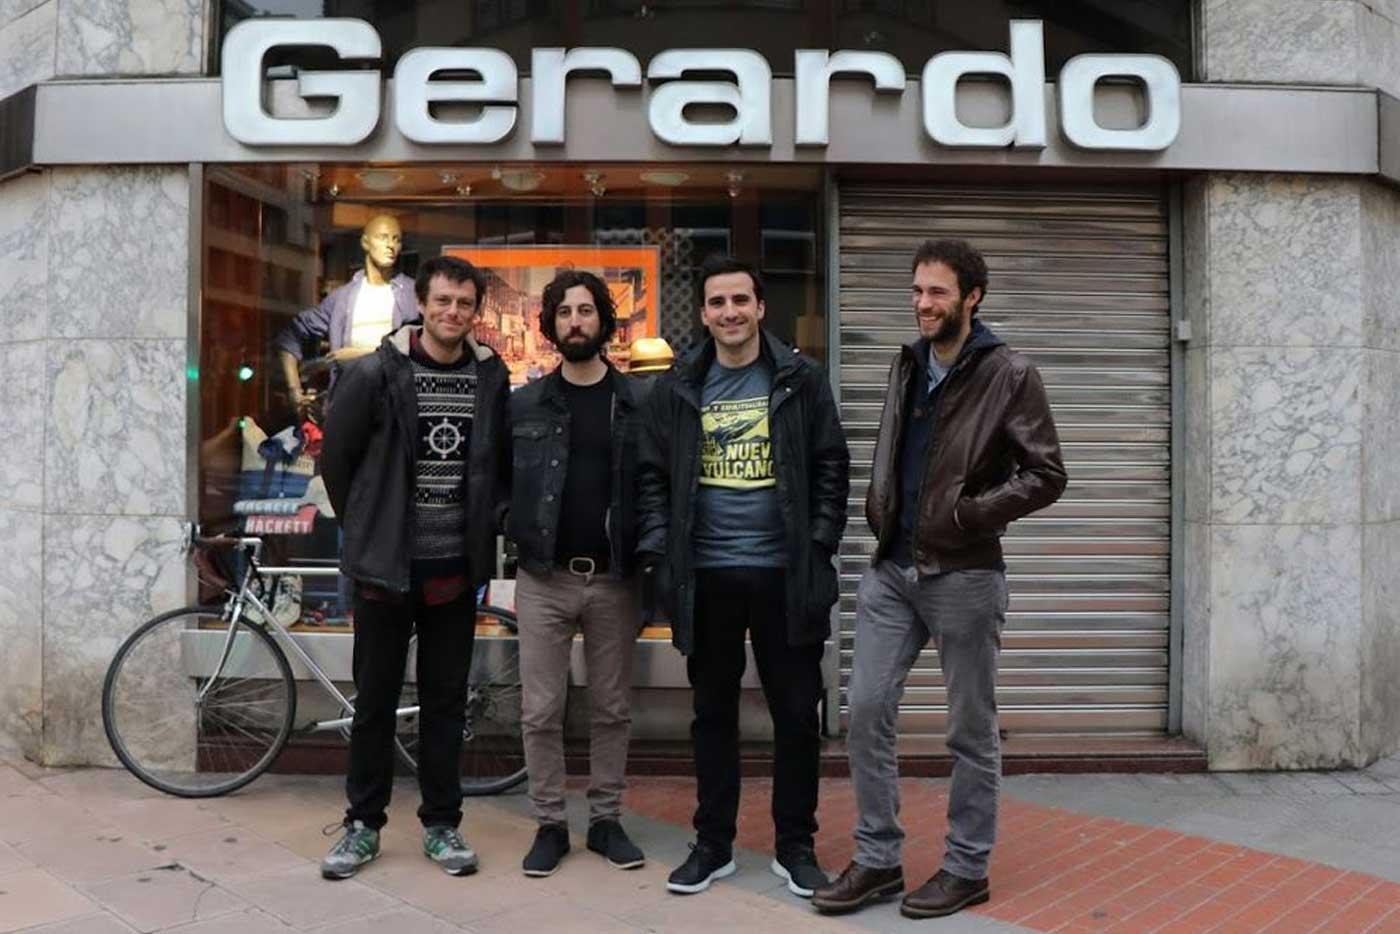 Estrenamos el nuevo avance del álbum debut de Yo, Gerard.